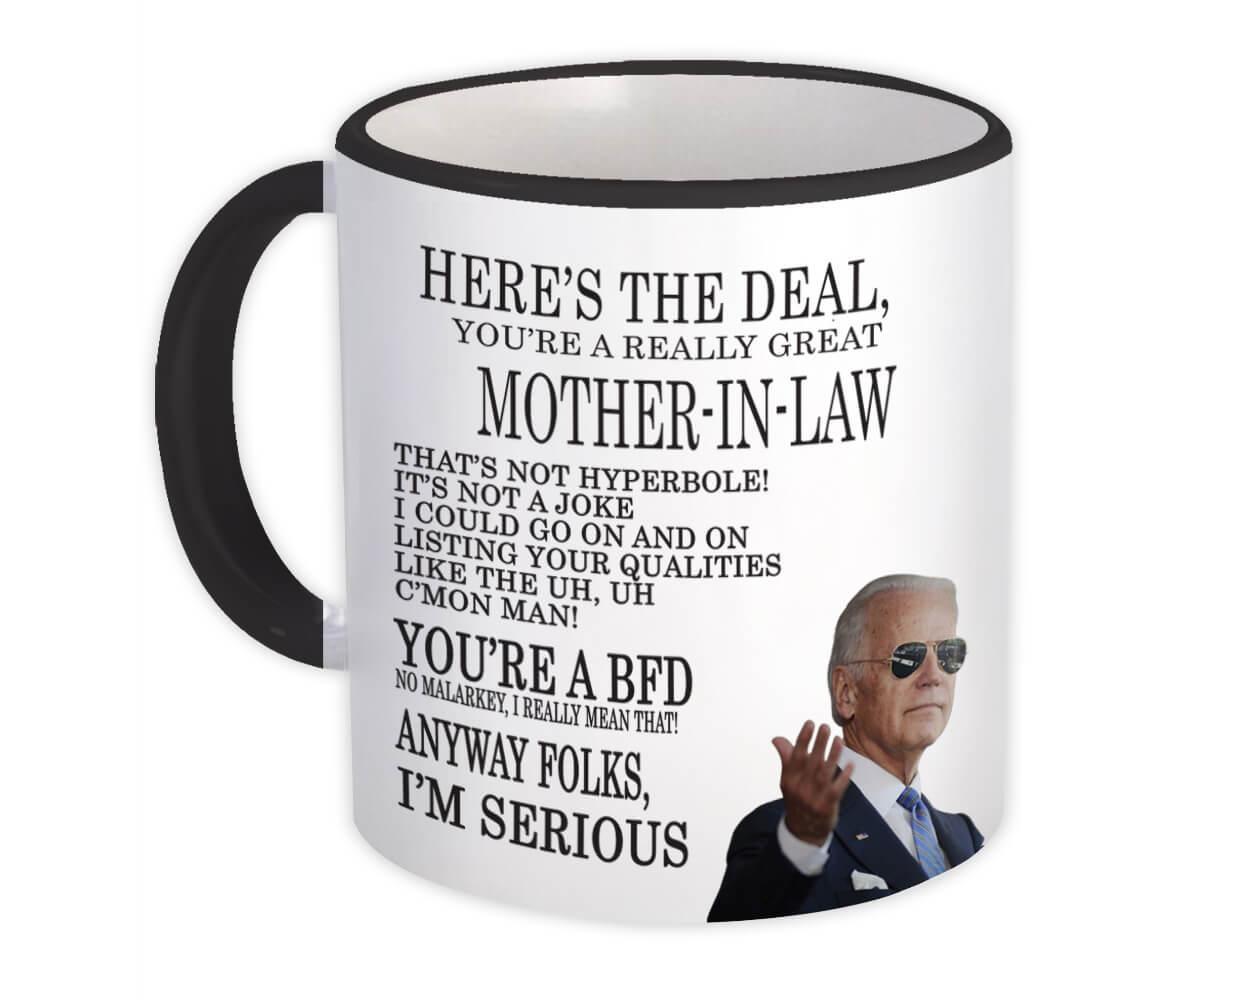 Gift for MOTHER-IN-LAW Joe Biden : Gift Mug Best MOTHER-IN-LAW Gag Great Humor Family Jobs Christmas President Birthday